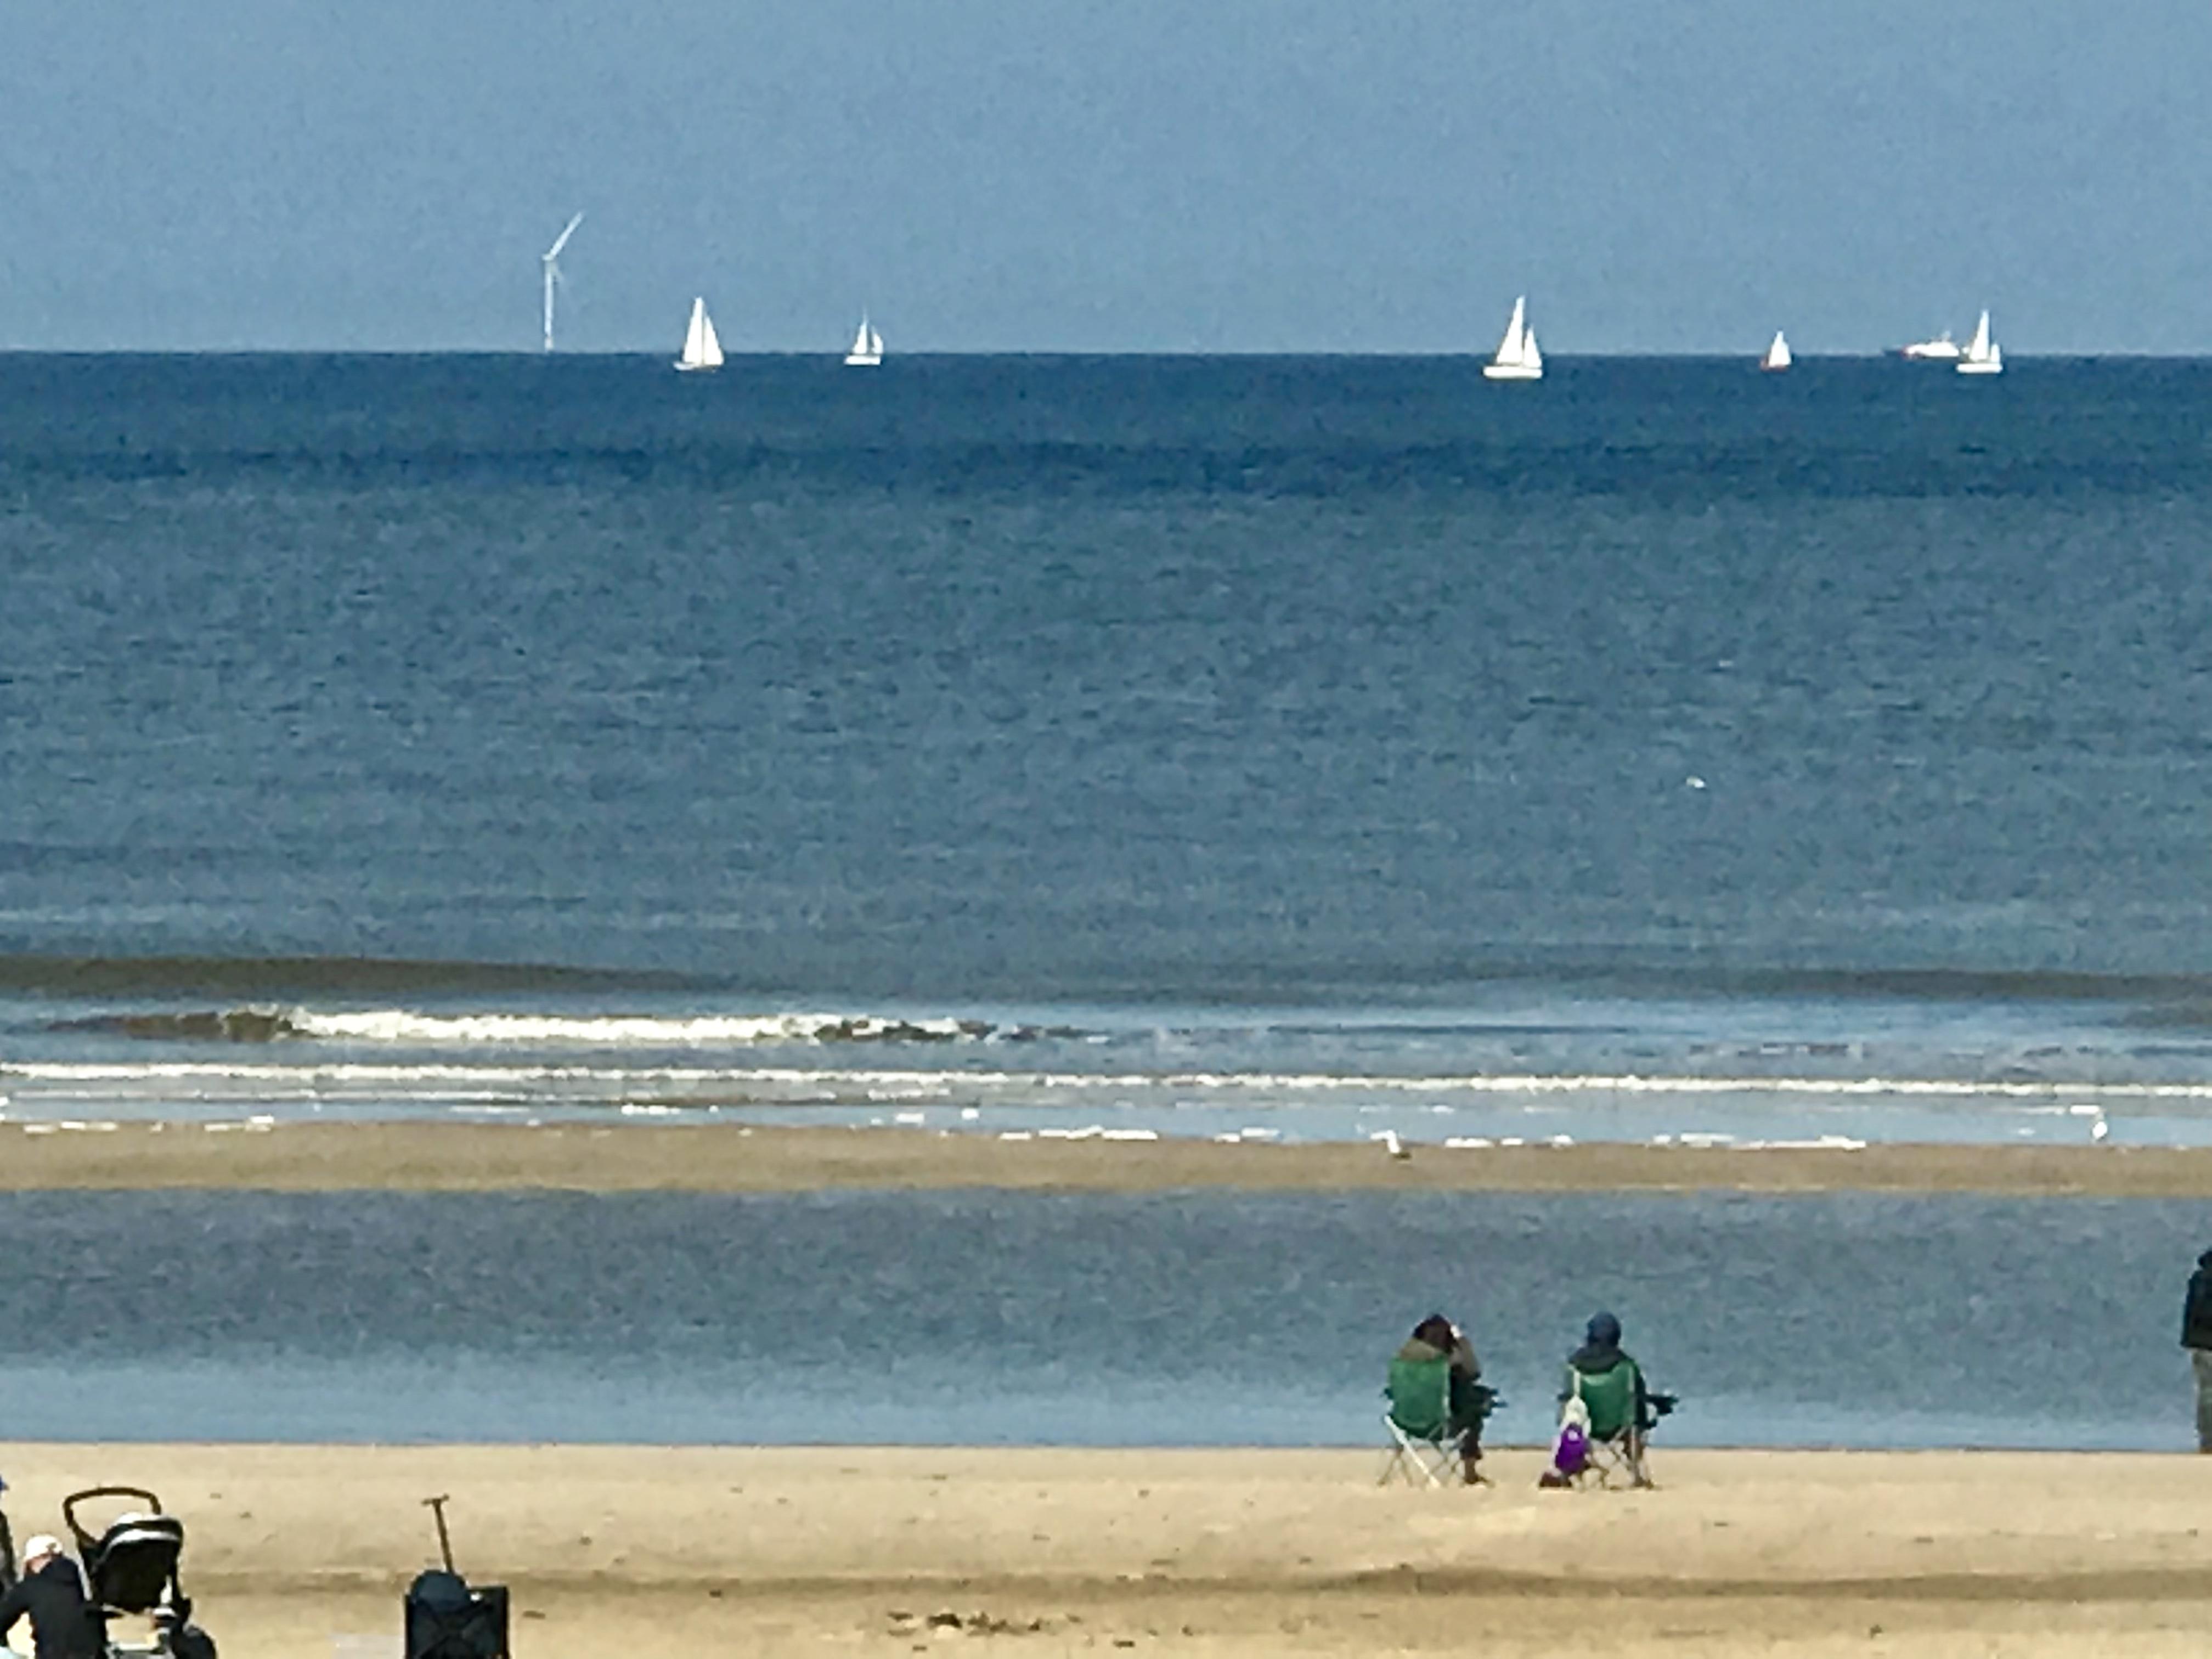 Kijk eens aan, heel veel zeilboten langs de kust. Mooi gezicht. (Foto:Marja Bak-Aal).